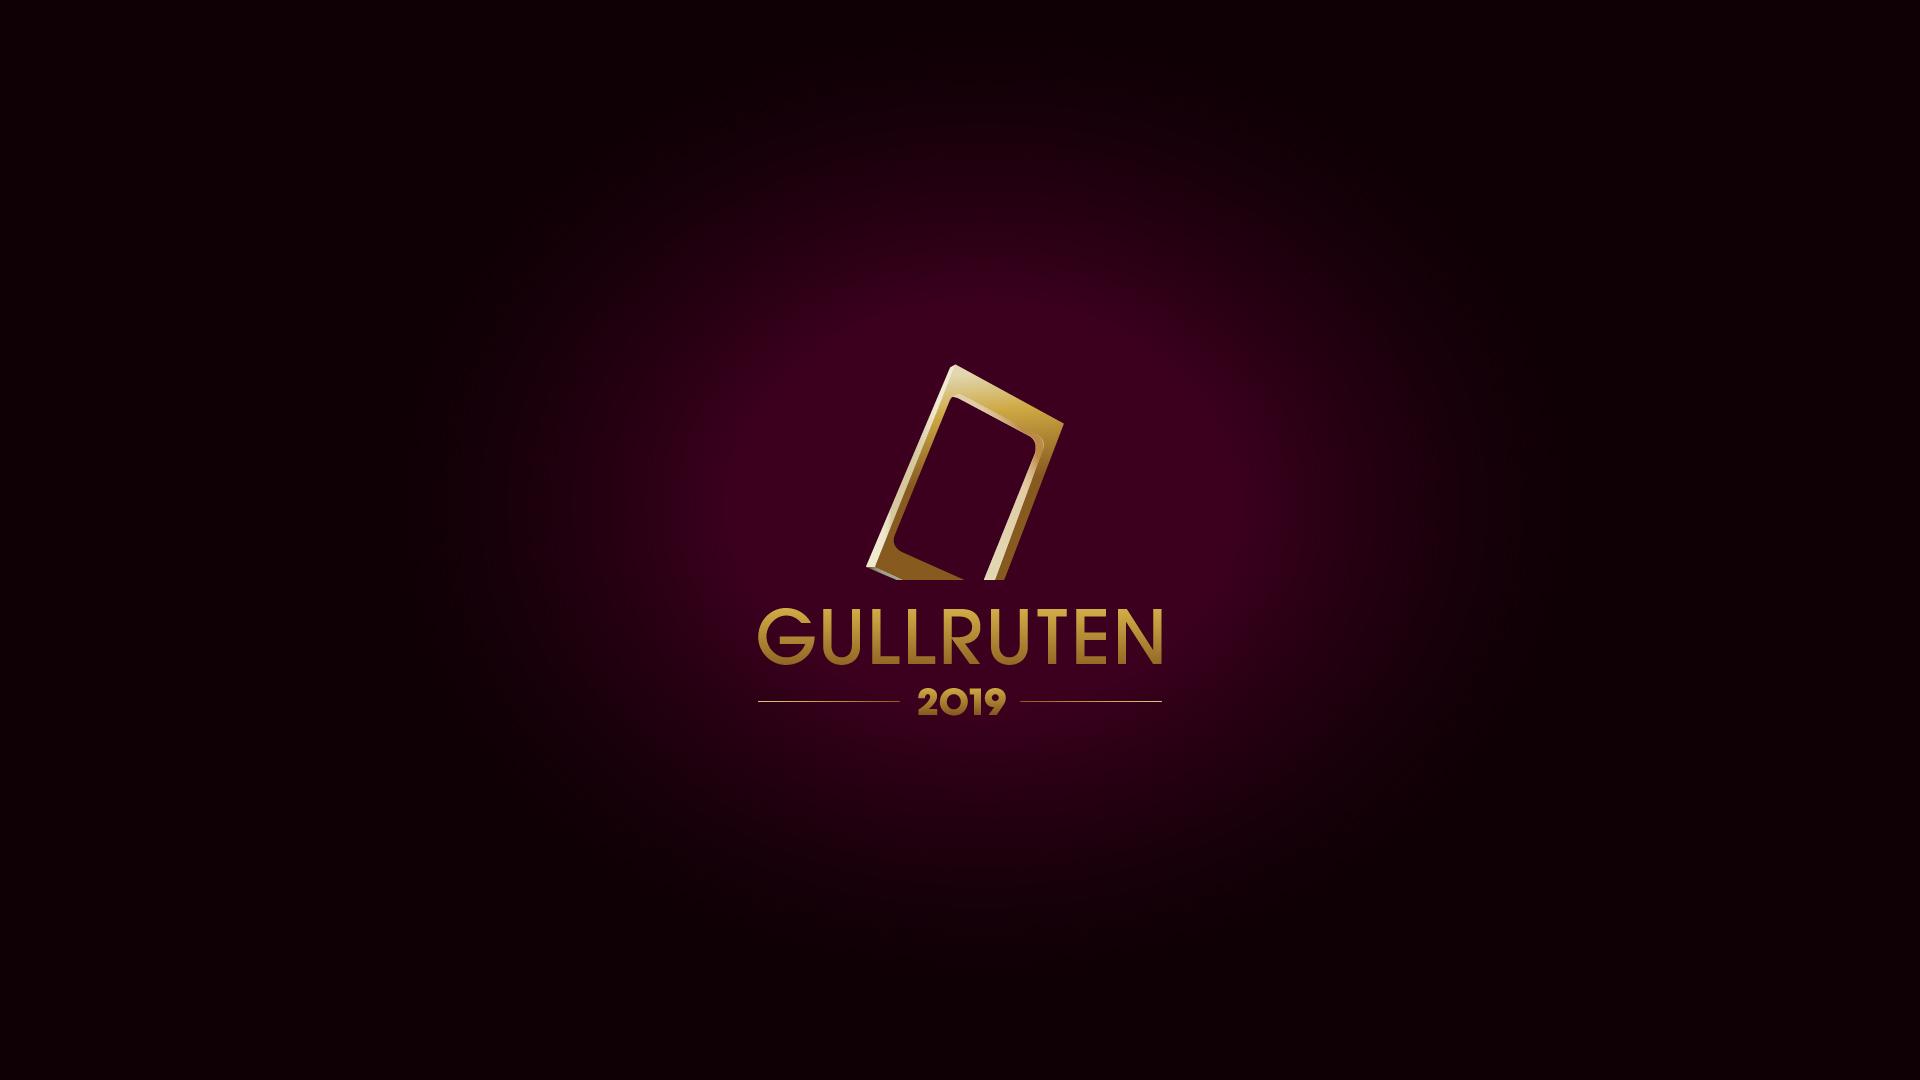 Gullruten er en årlig prisutdeling og utmerkelse for den norske TV-bransjen. Utmerkelsen deles ut av Stiftelsen Gullruten, som ble opprettet i 1998 av Norske Film- og TV-produsenters forening, nåværende Virke Produsentforeningen. Nordisk Film TV skal produsere Gullruten i 2019 - 2021.